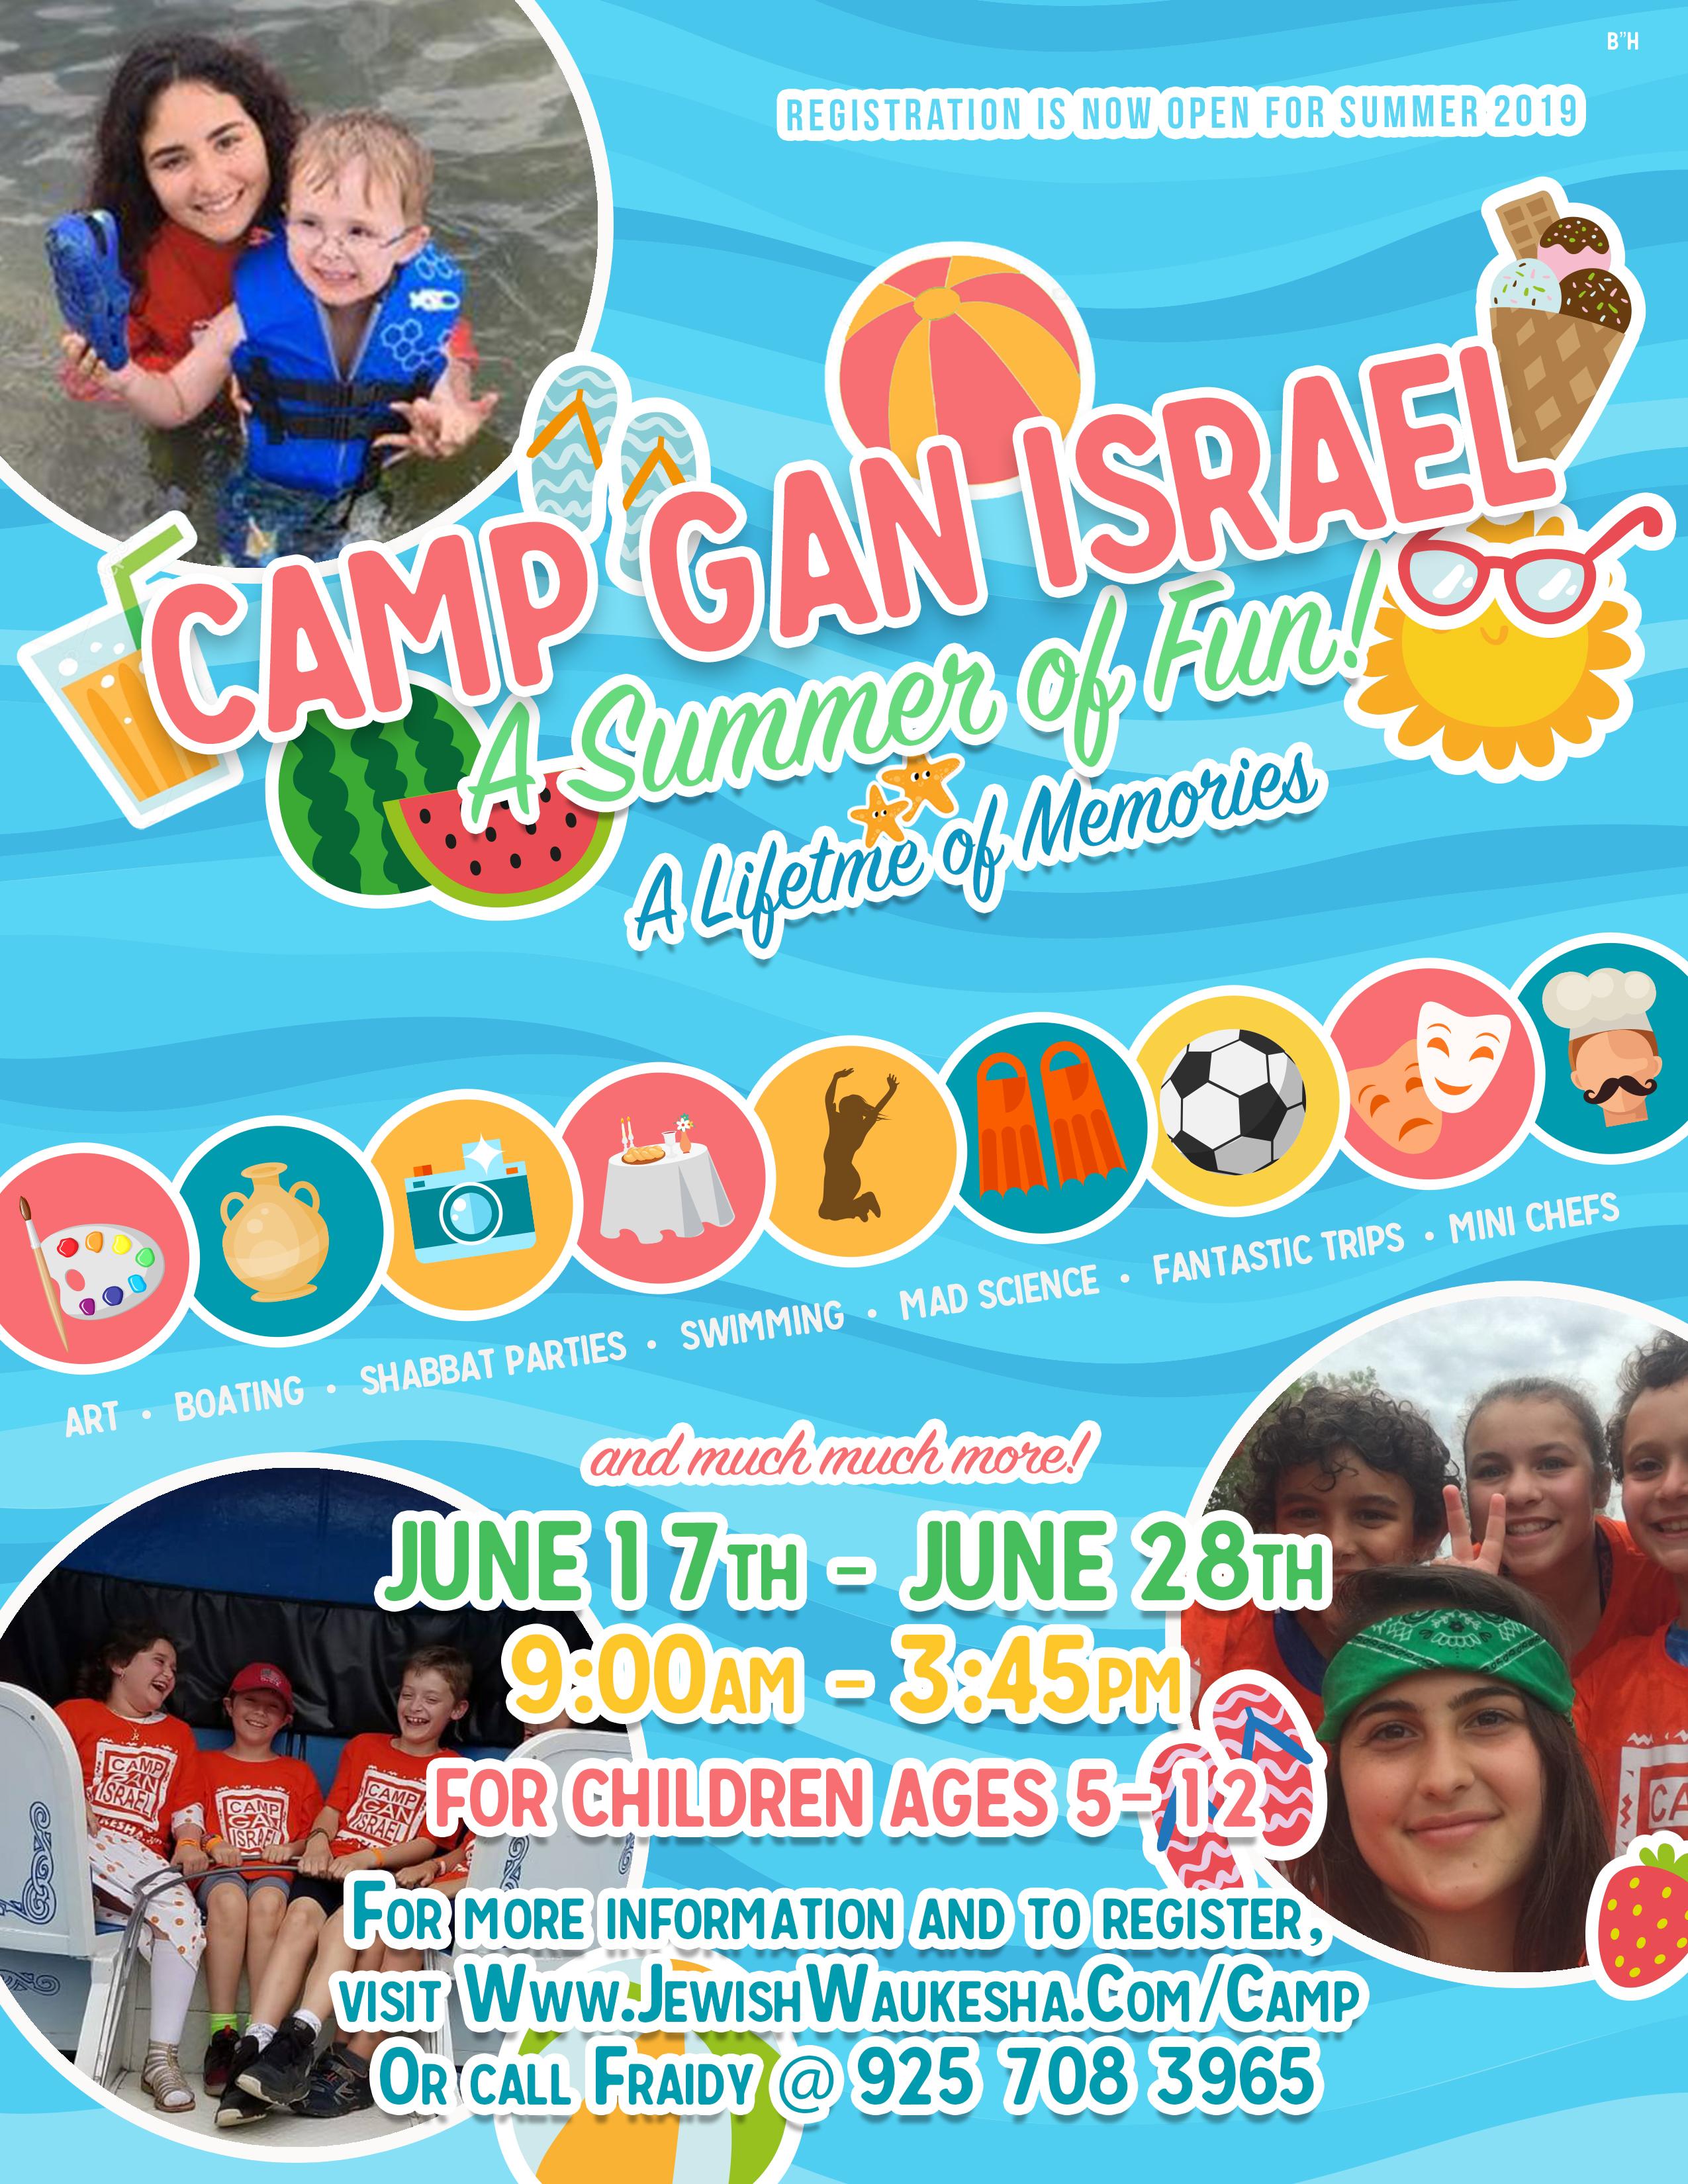 waukesha summer camp flyer design 2019.jpg